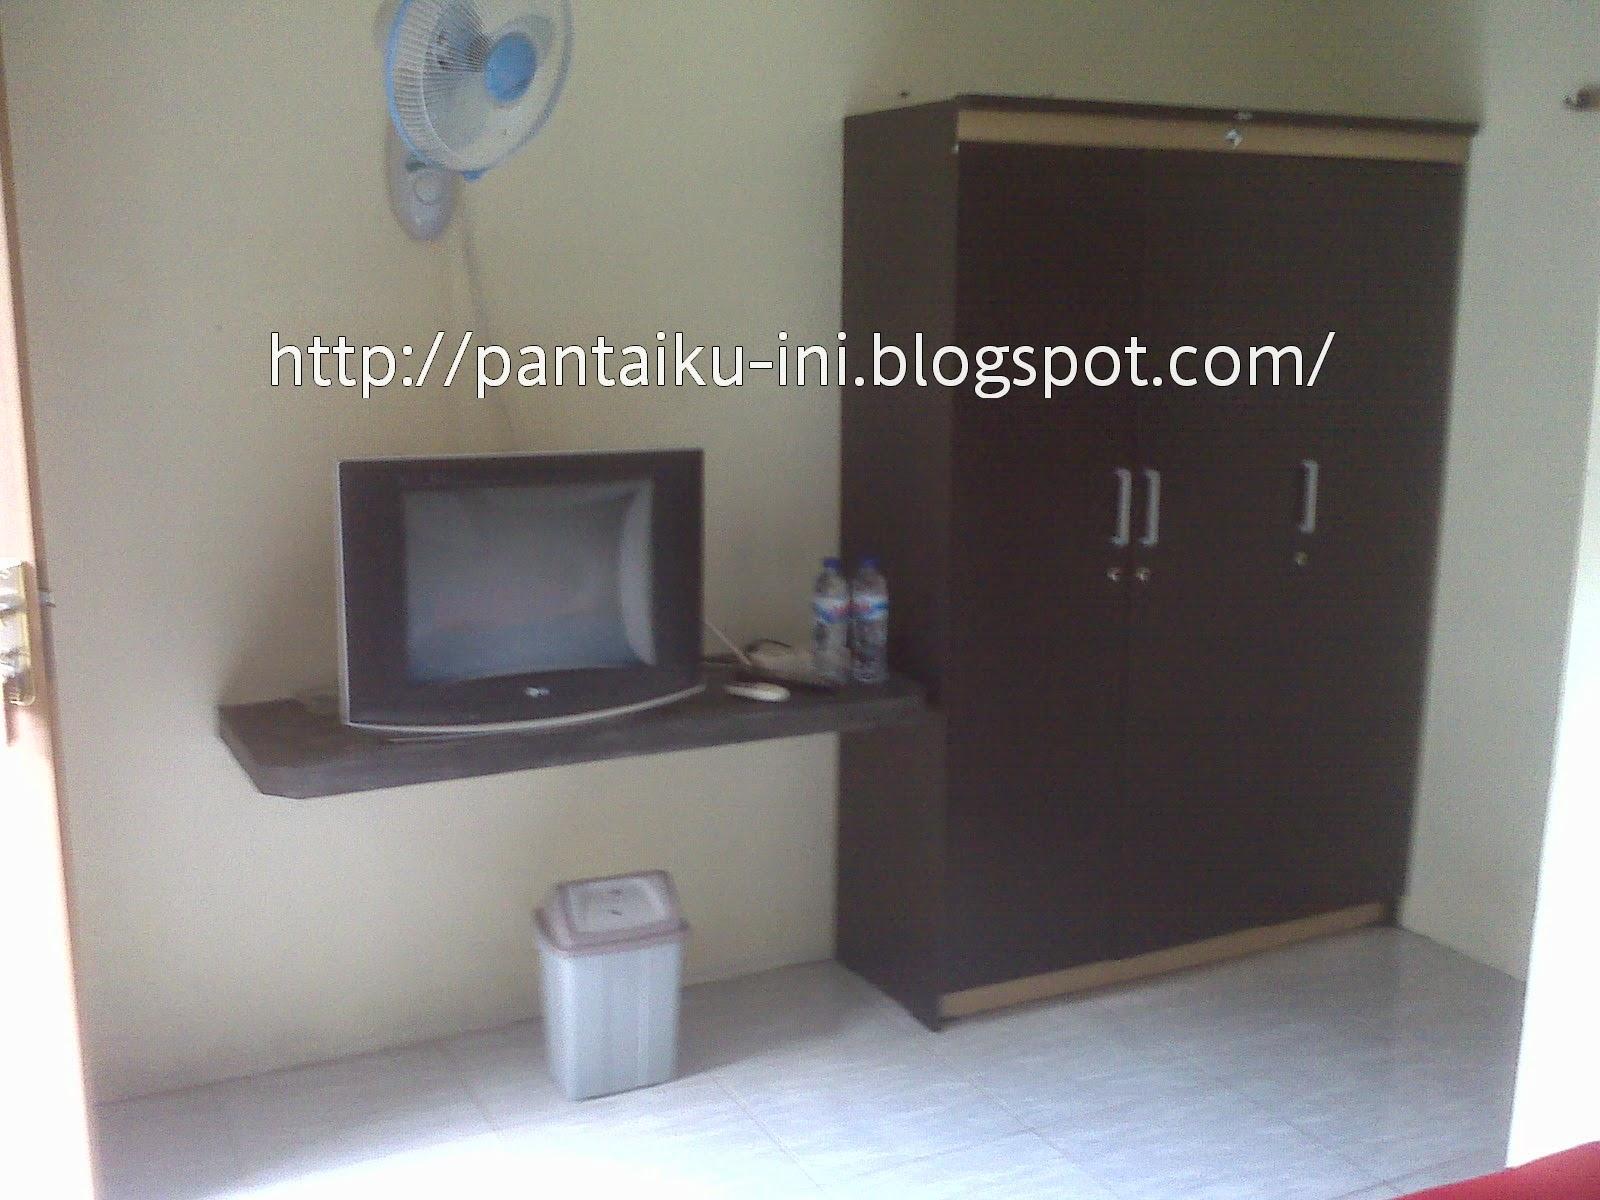 Fasilitas Kamar - http://pantaiku-ini.blogspot.com/2014/10/detail-penginapan-sinar-pagi.html